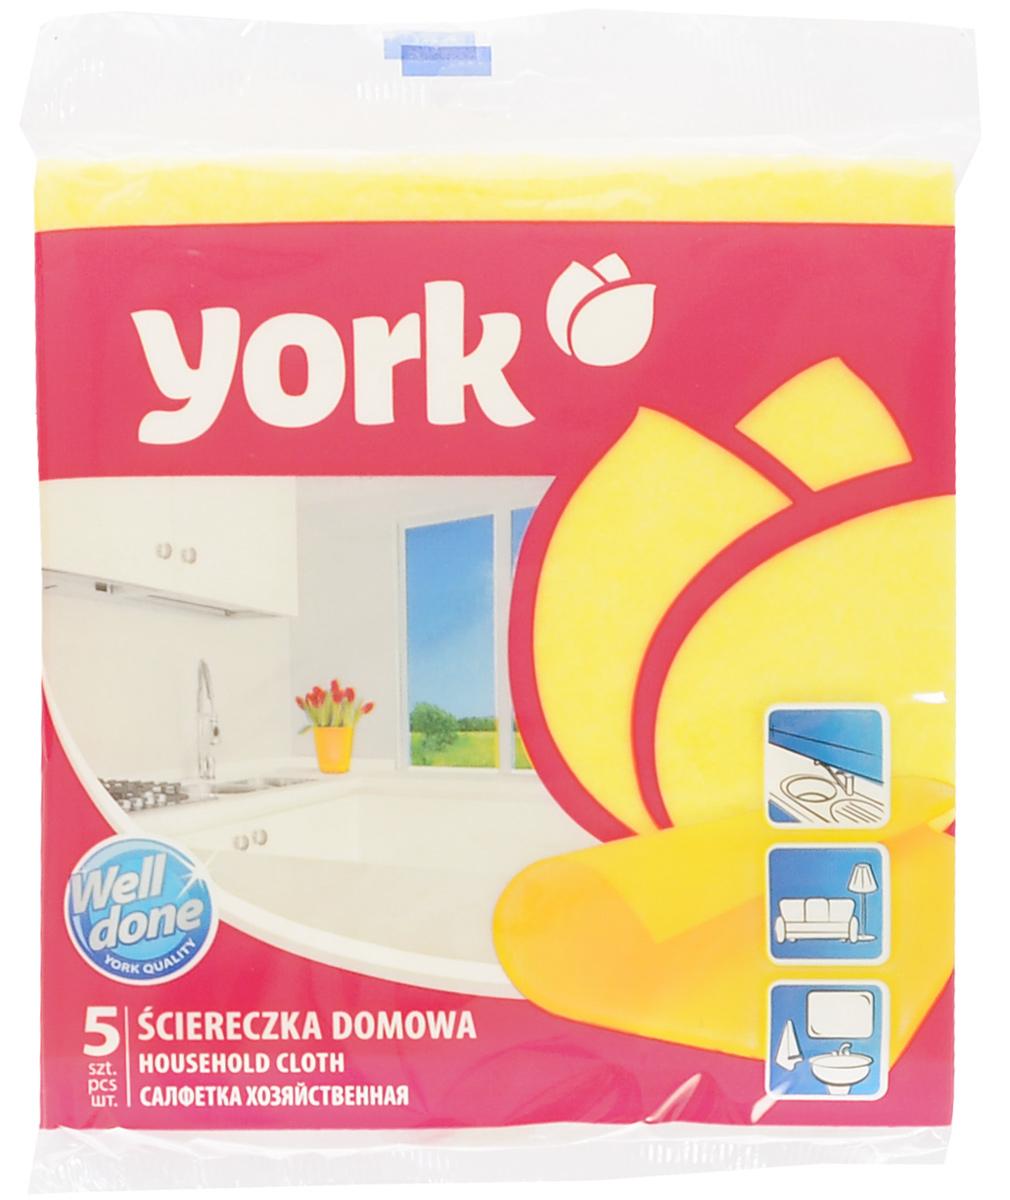 Салфетка хозяйственная York, цвет: желтый, 35 х 35 см, 5 шт531-105Универсальная салфетка York предназначена для мытья, протирания и полировки. Она выполнена из вискозы с добавлением полипропиленового волокна, отличается высокой прочностью. Хорошо поглощает влагу, эффективно очищает поверхности и не оставляет ворсинок. Идеальна для ухода за столешницами и раковиной на кухне, за стеклом и зеркалами, деревянной мебелью. Может использоваться в сухом и влажном виде.В комплект входят 5 салфеток.